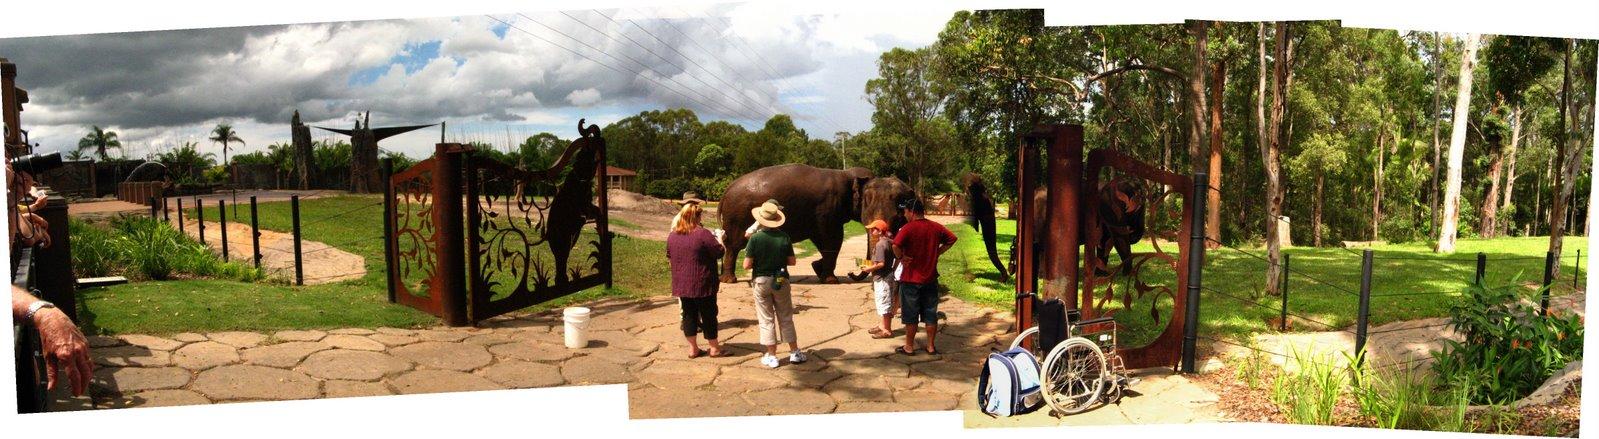 [Elephantasia1]